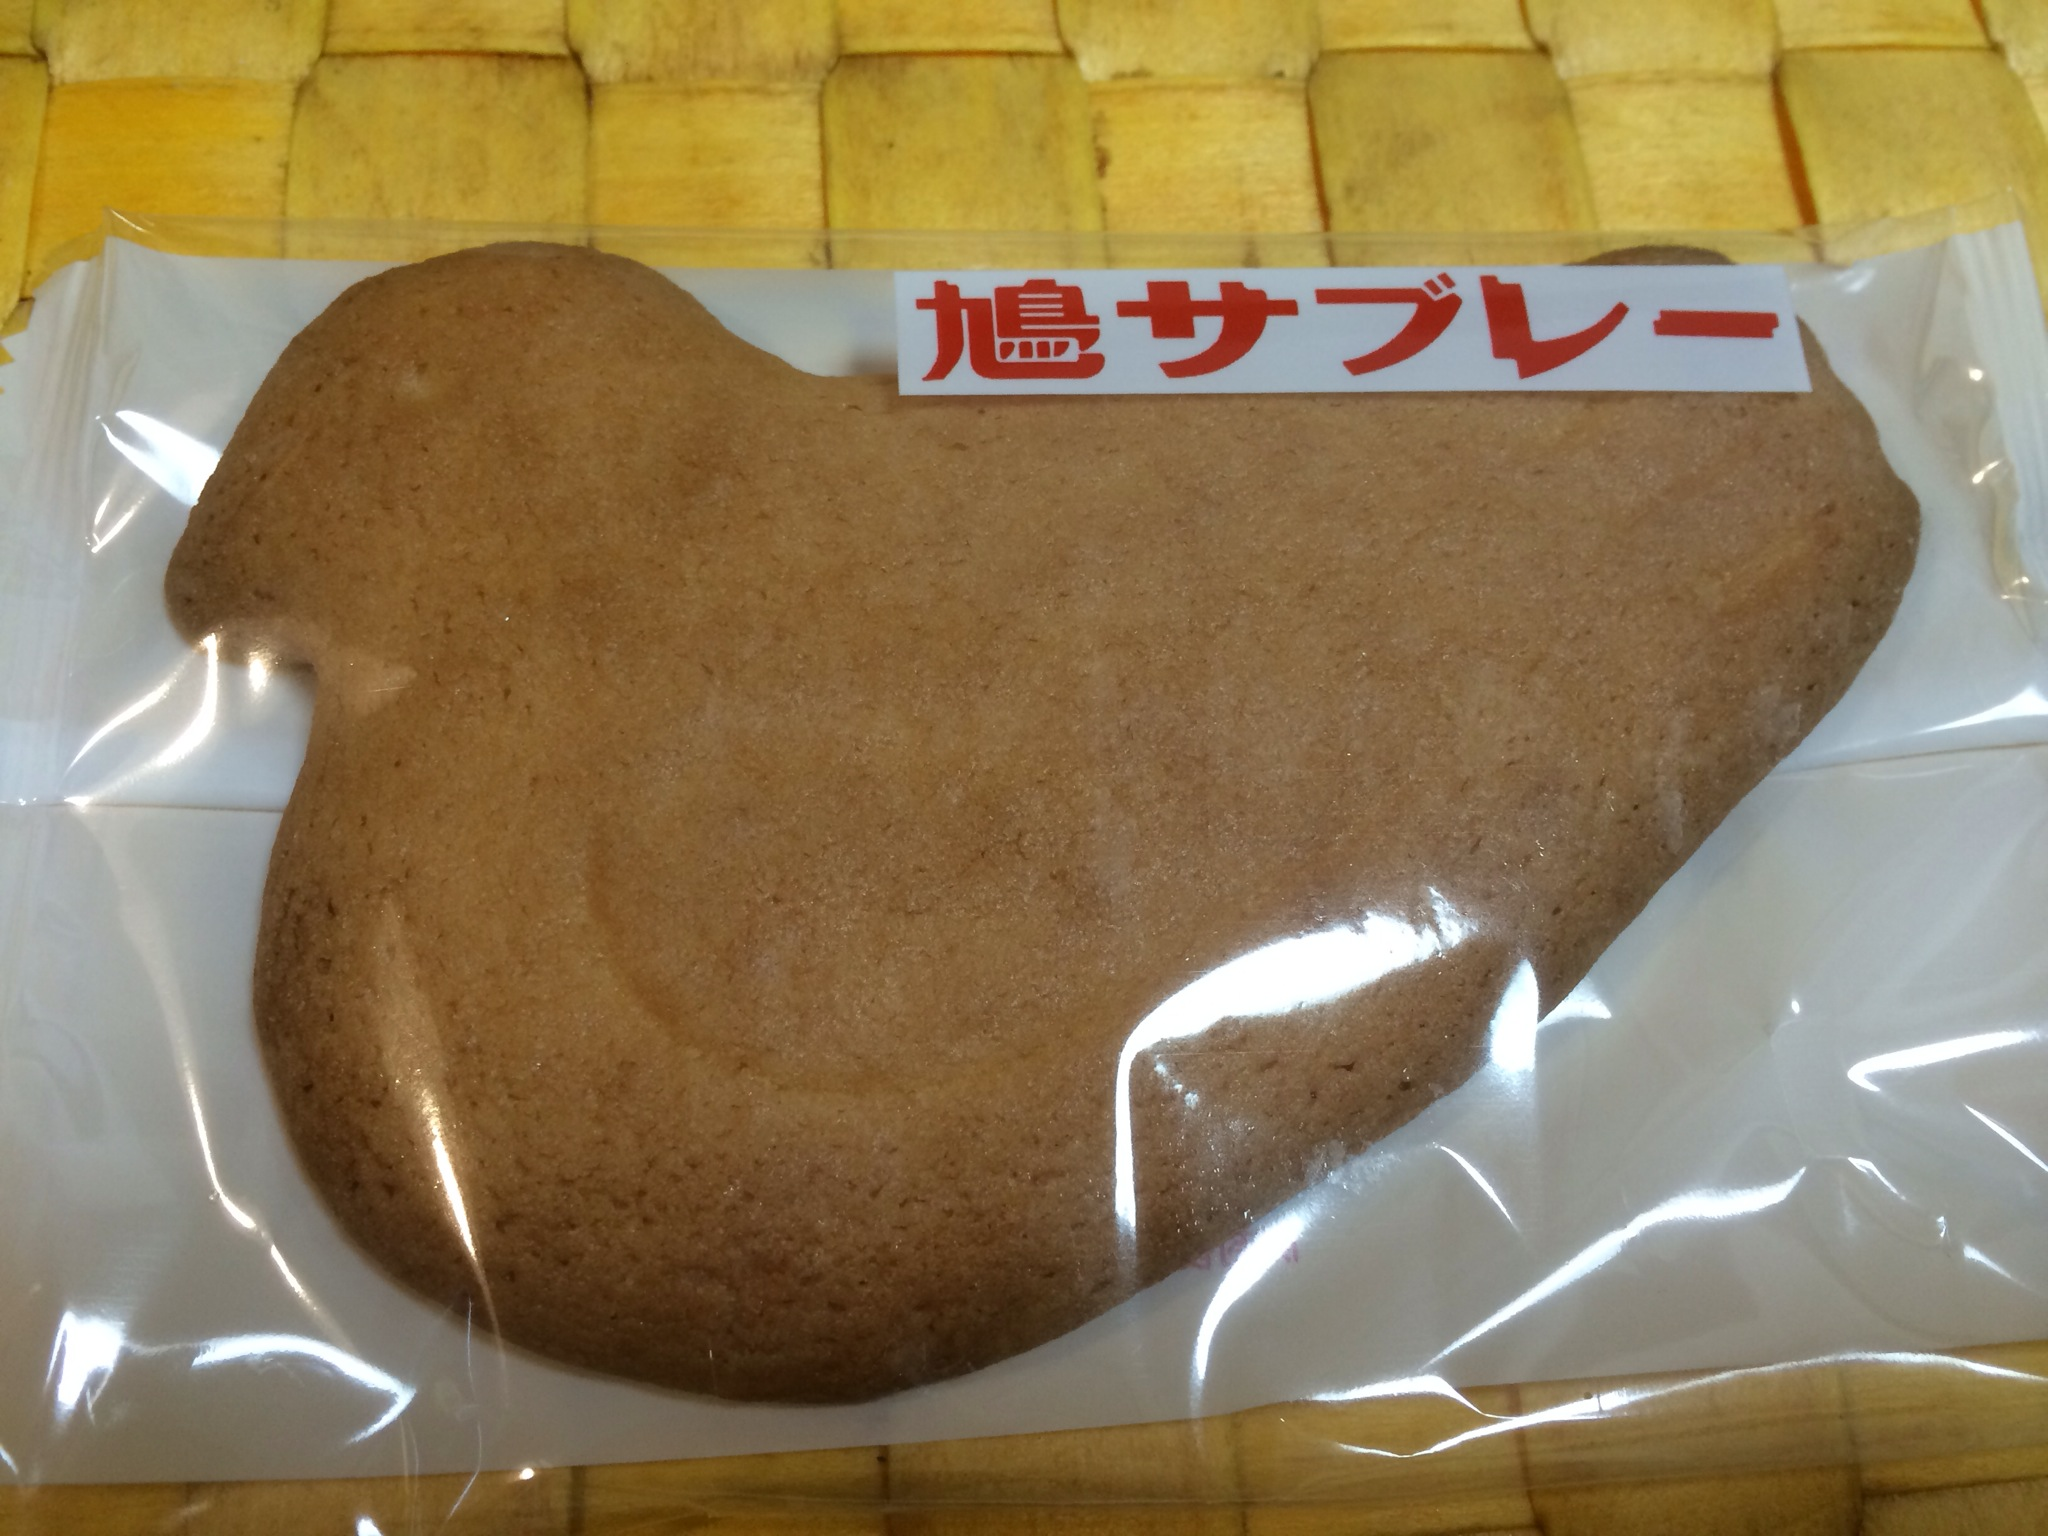 神奈川銘菓!鳩サブレー!家にあったので食べました(*^_^*)